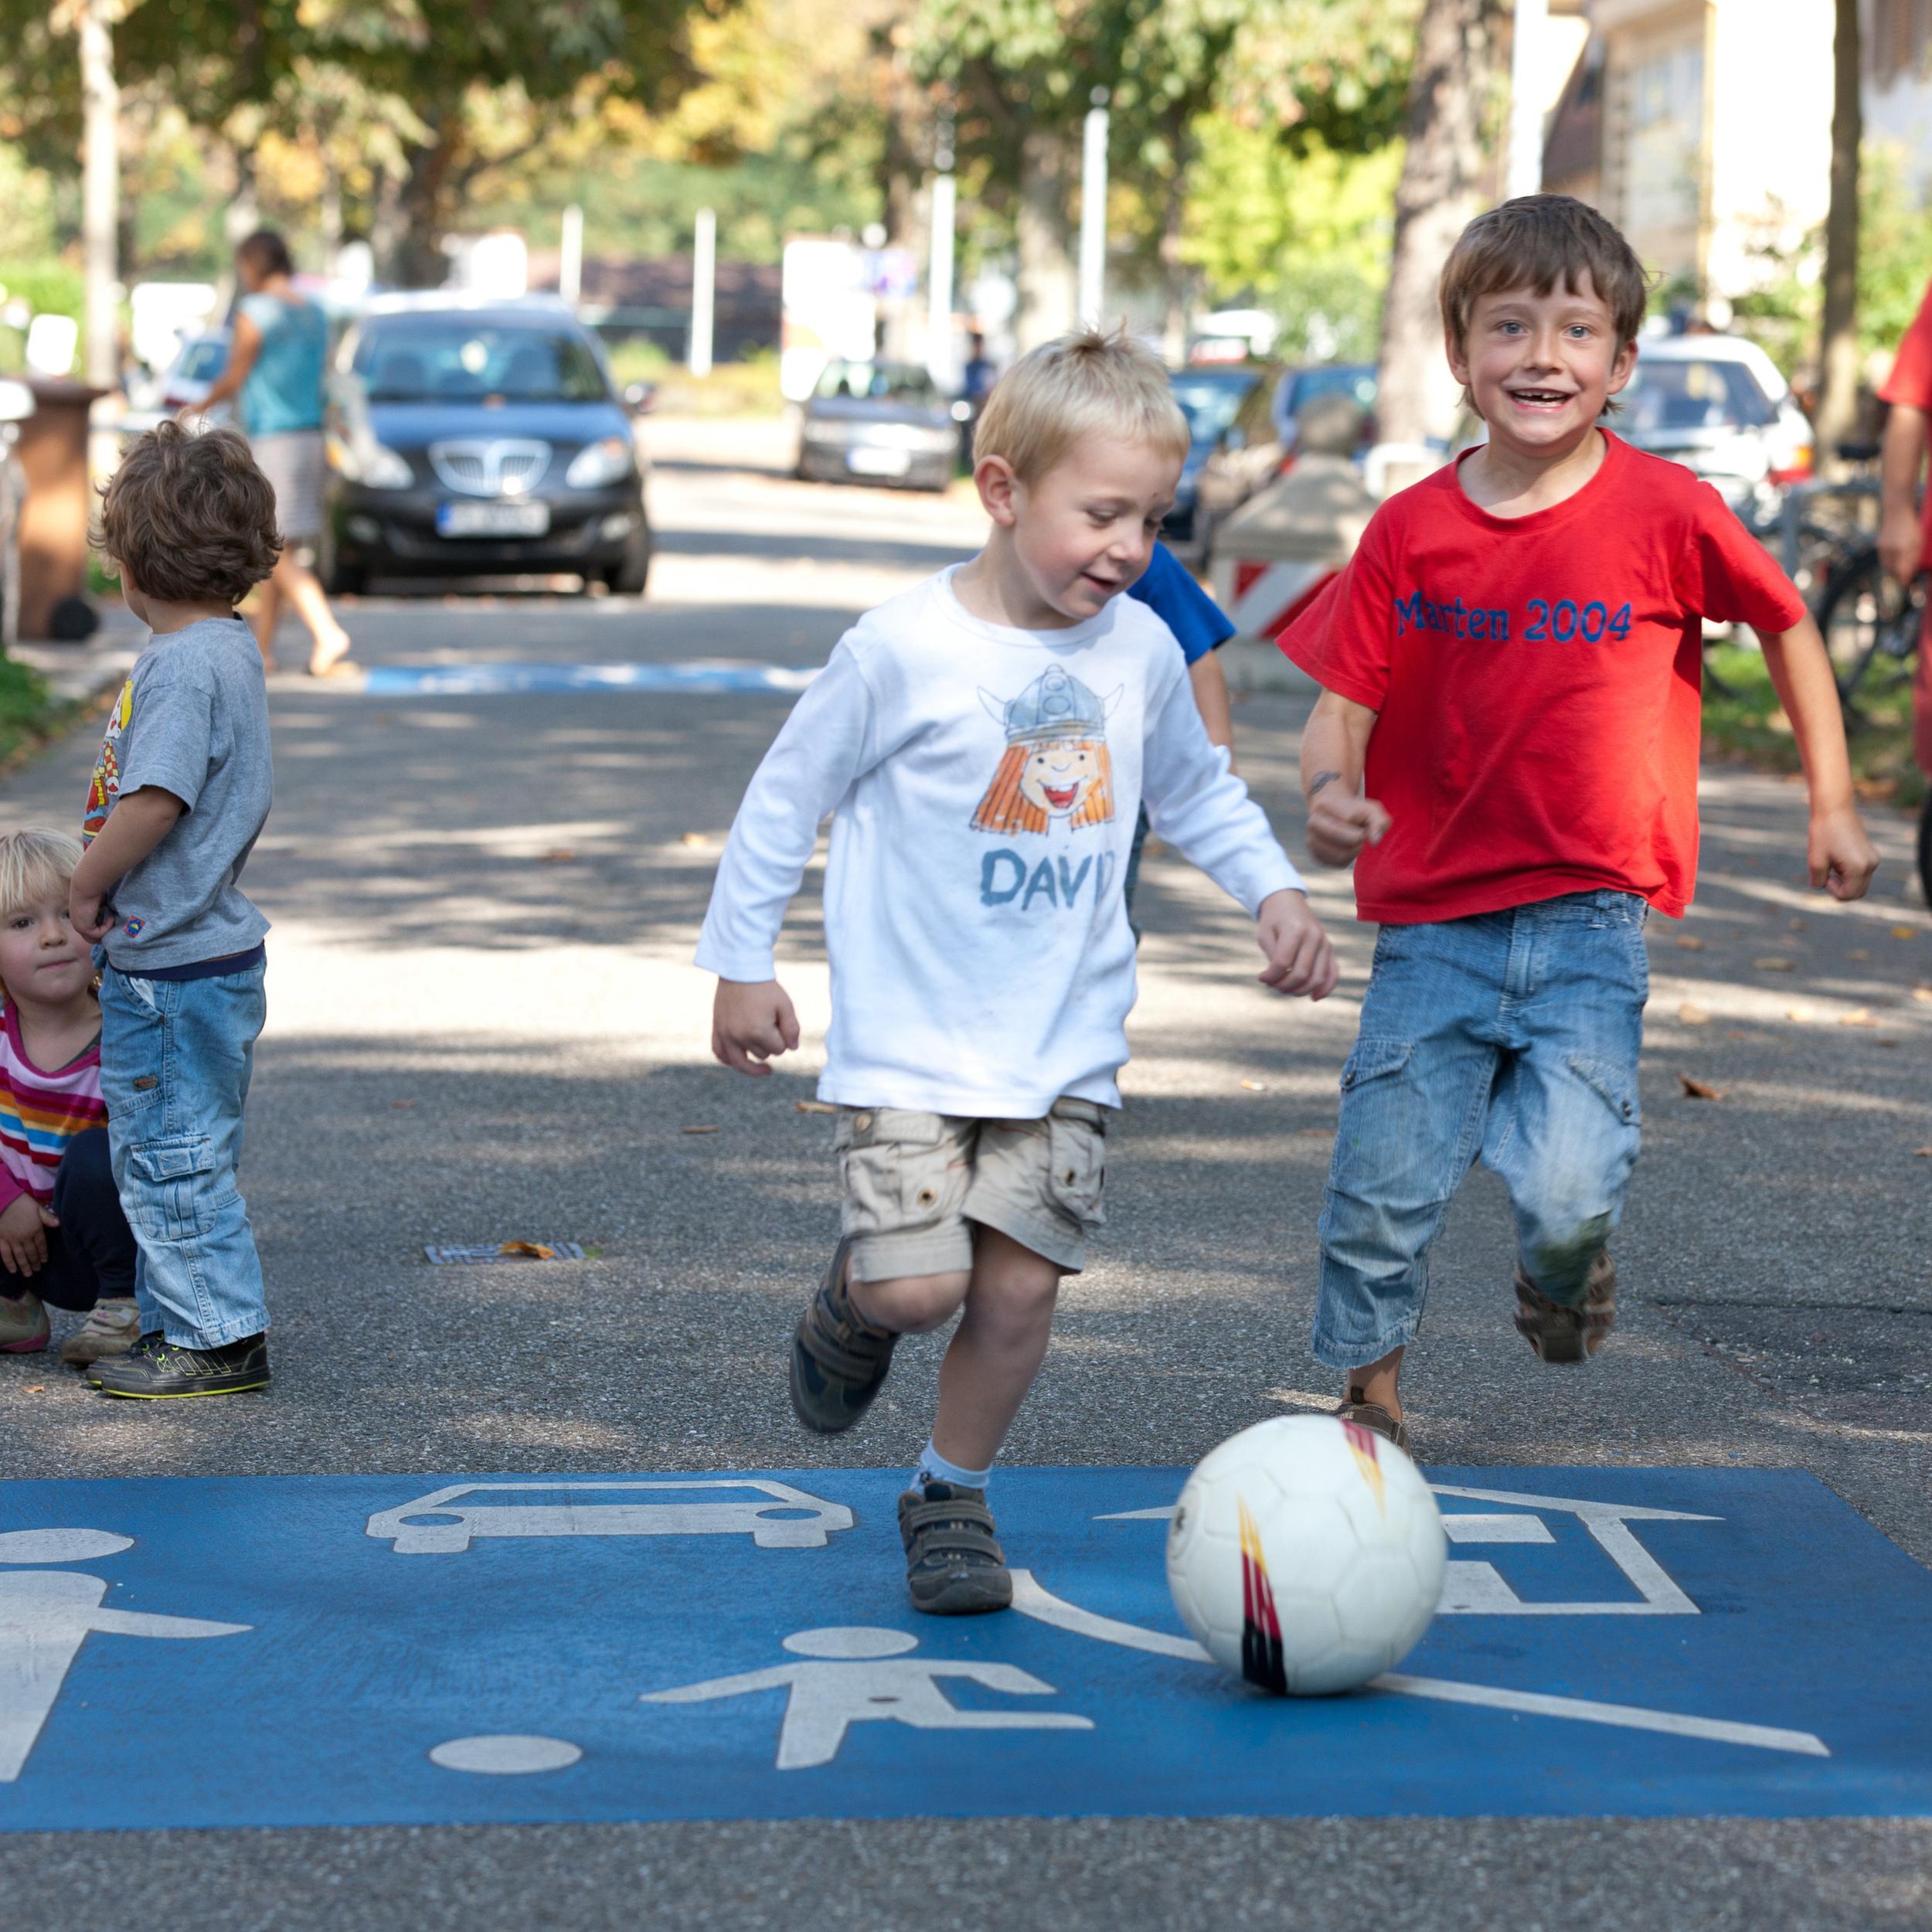 Ciudades y niños: crecer a contracorriente